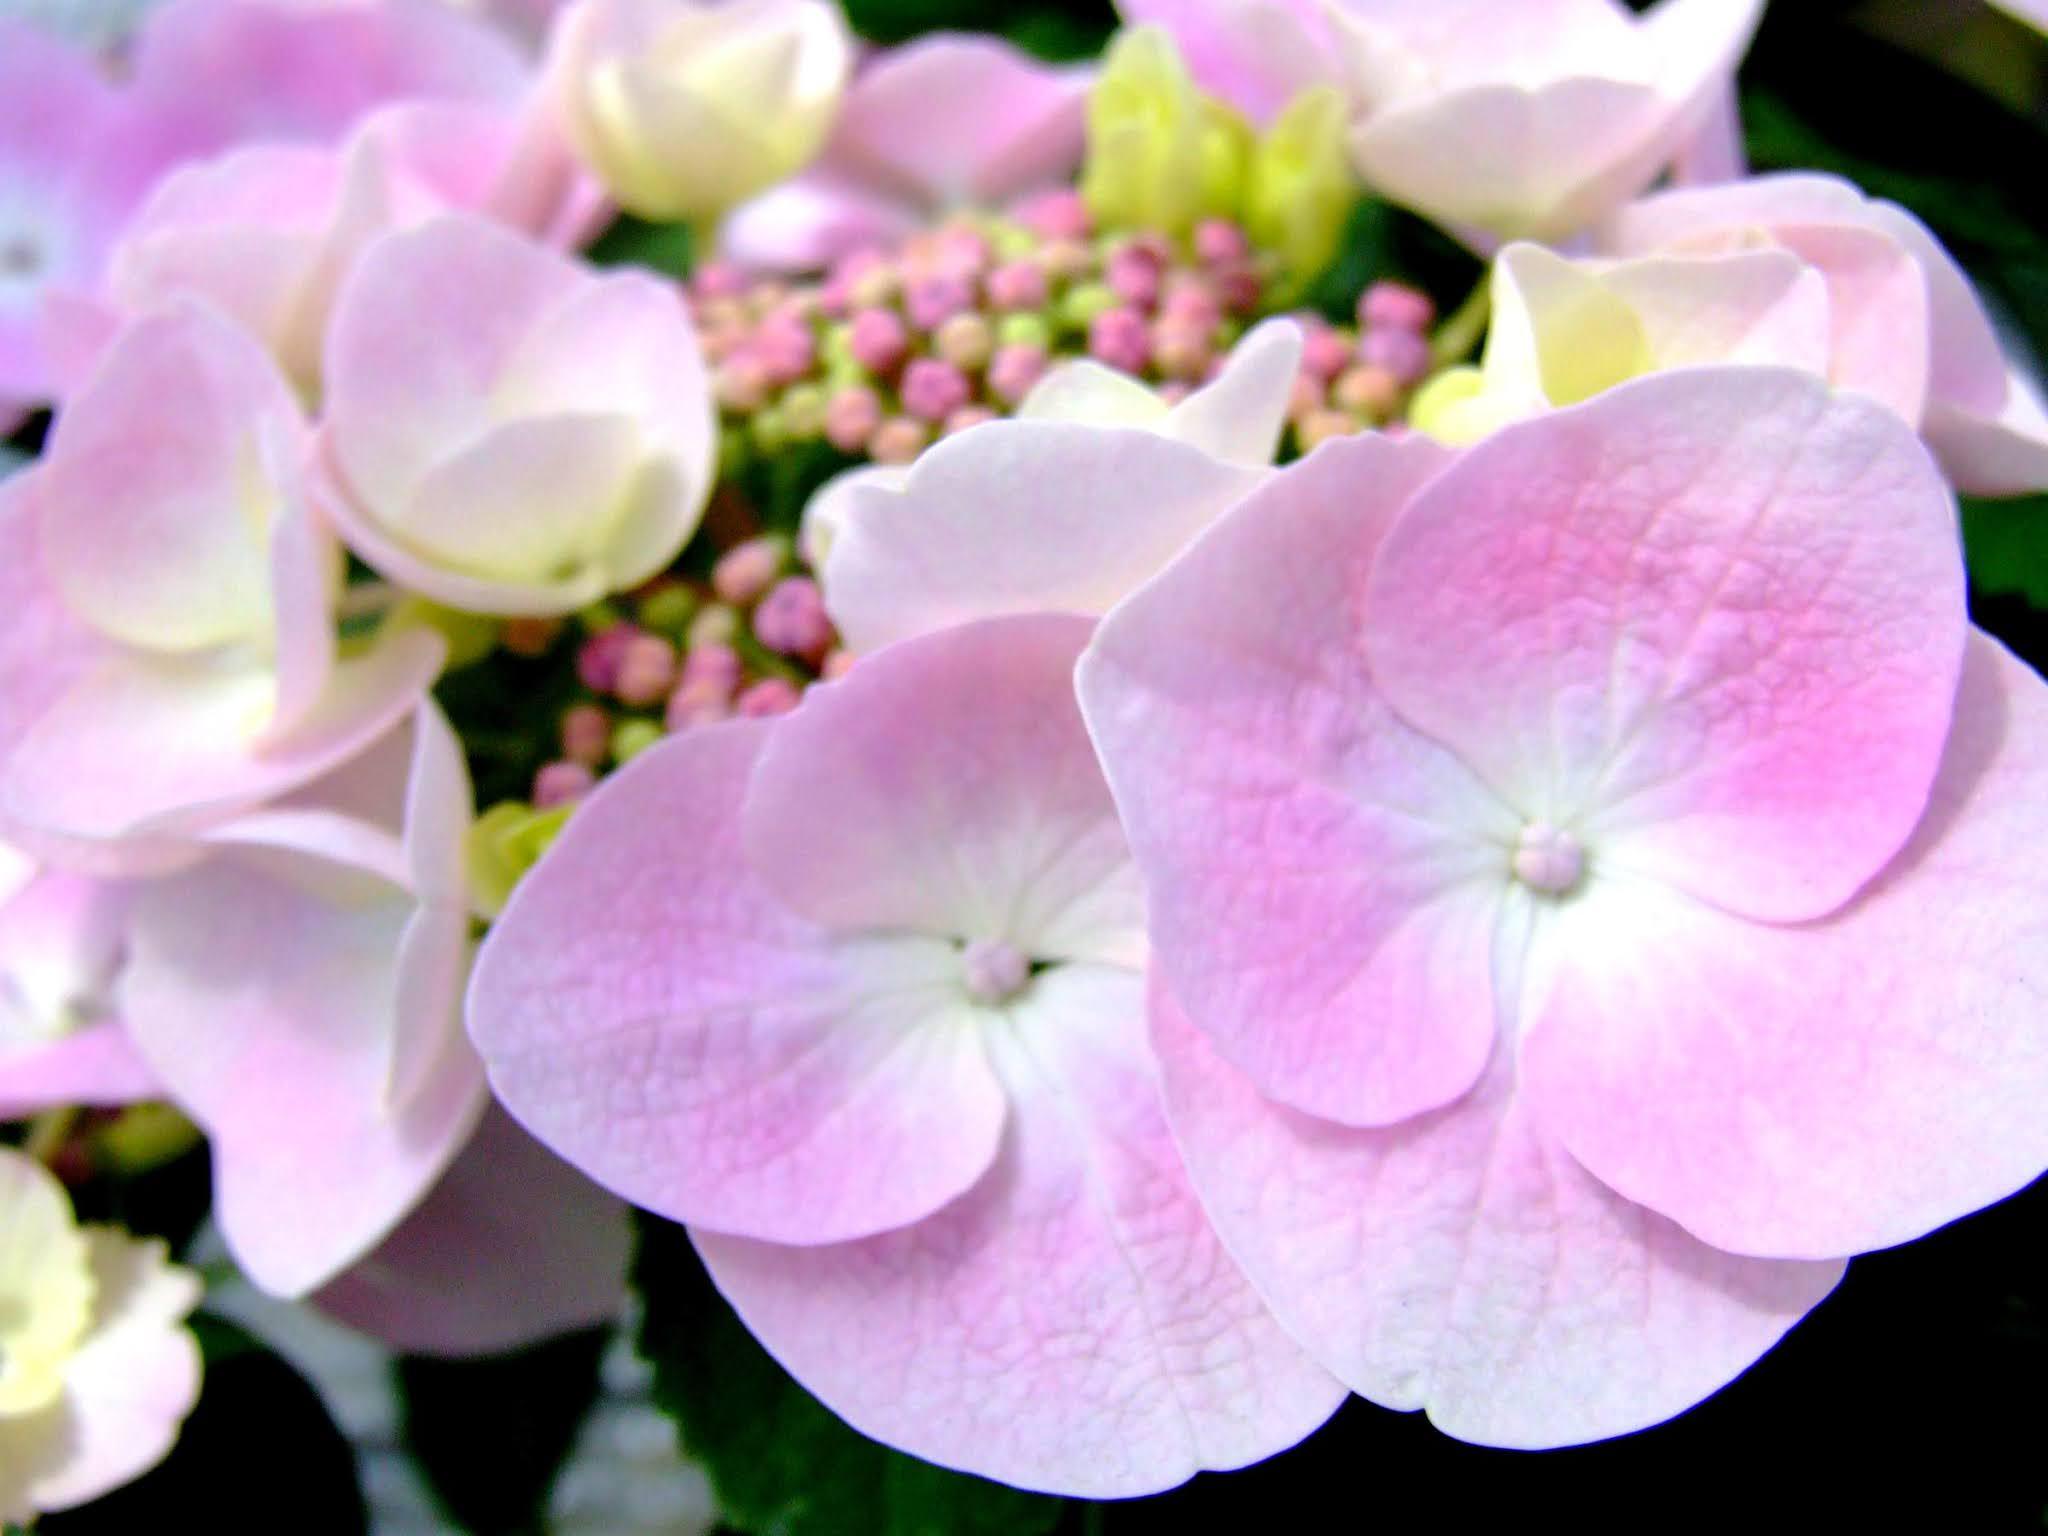 ピンクと白のグラデーションがキレイなガクアジサイのドアップの写真素材です。淡くて優しい雰囲気が良いですよね。梅雨の時期のブログ記事などにどうぞ。